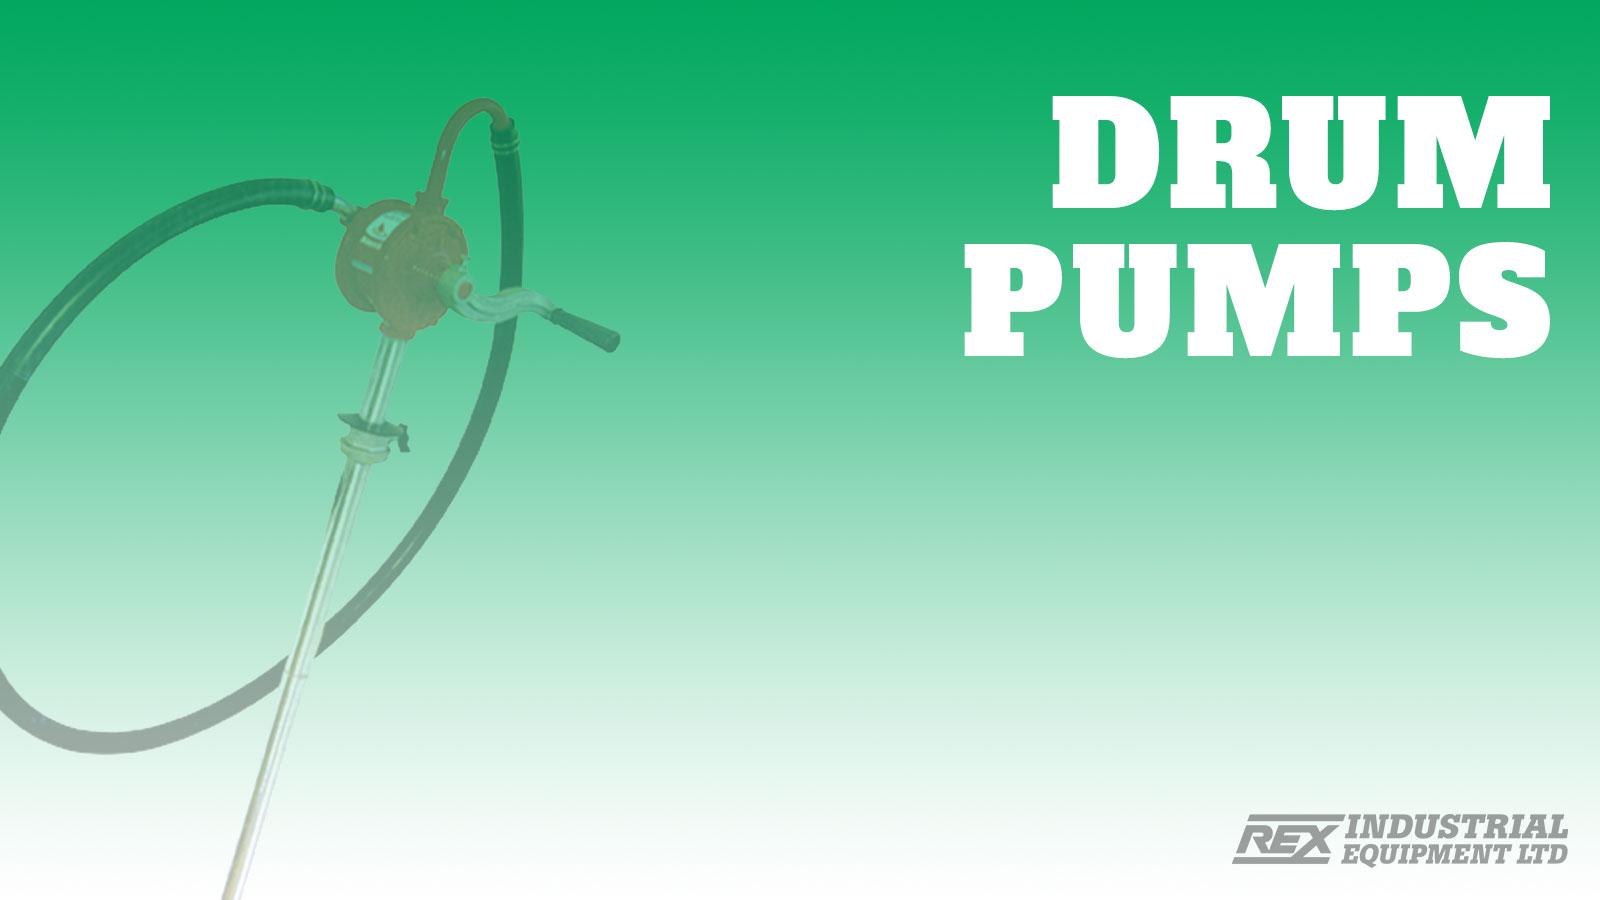 DRUM-PUMPS